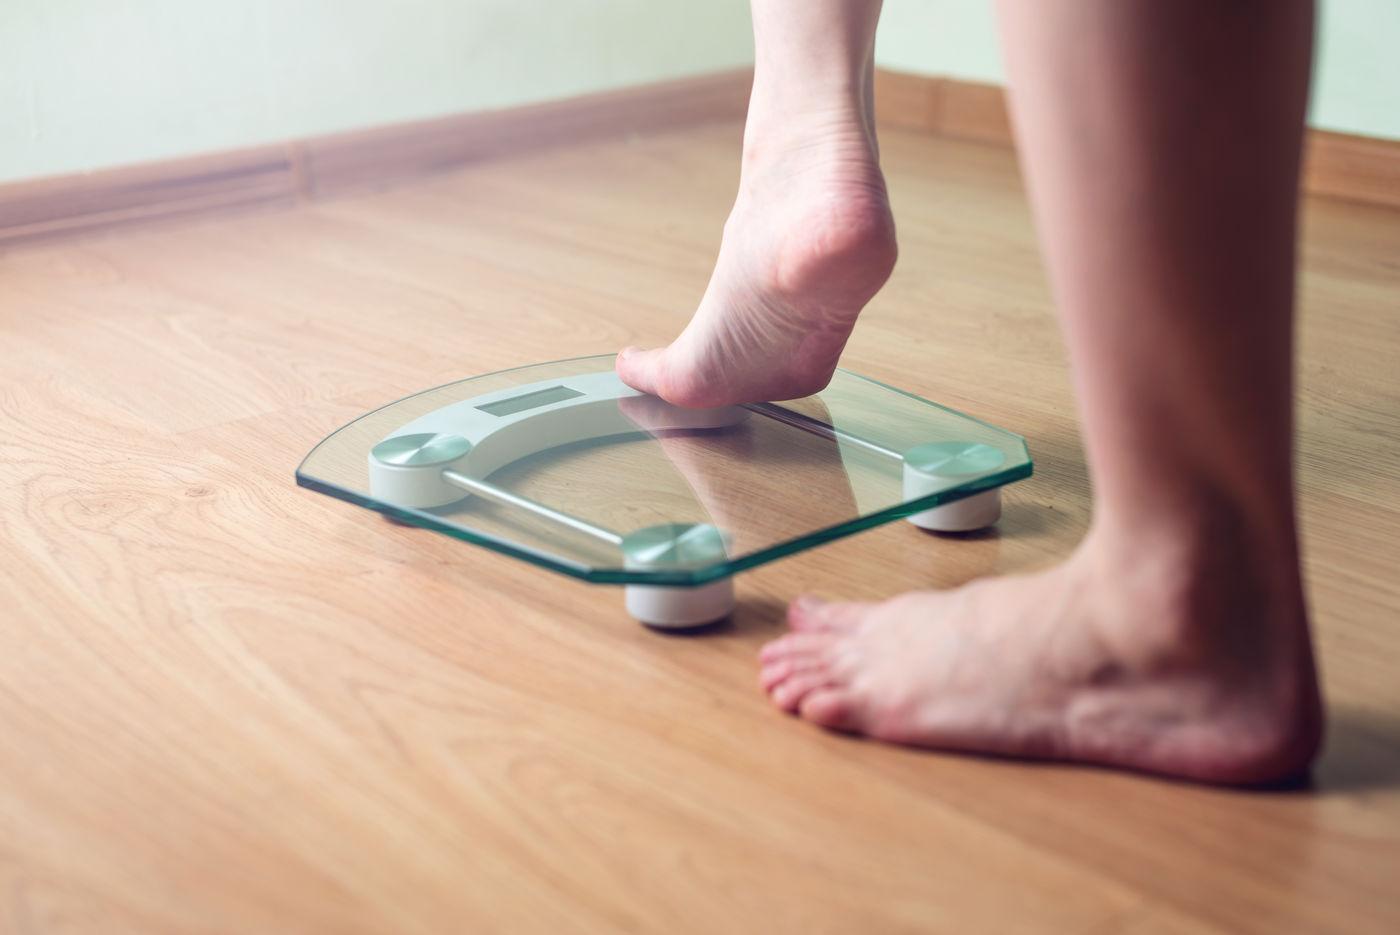 Semne de alarma: crestere inexplicabila in greutate | sudstil.ro